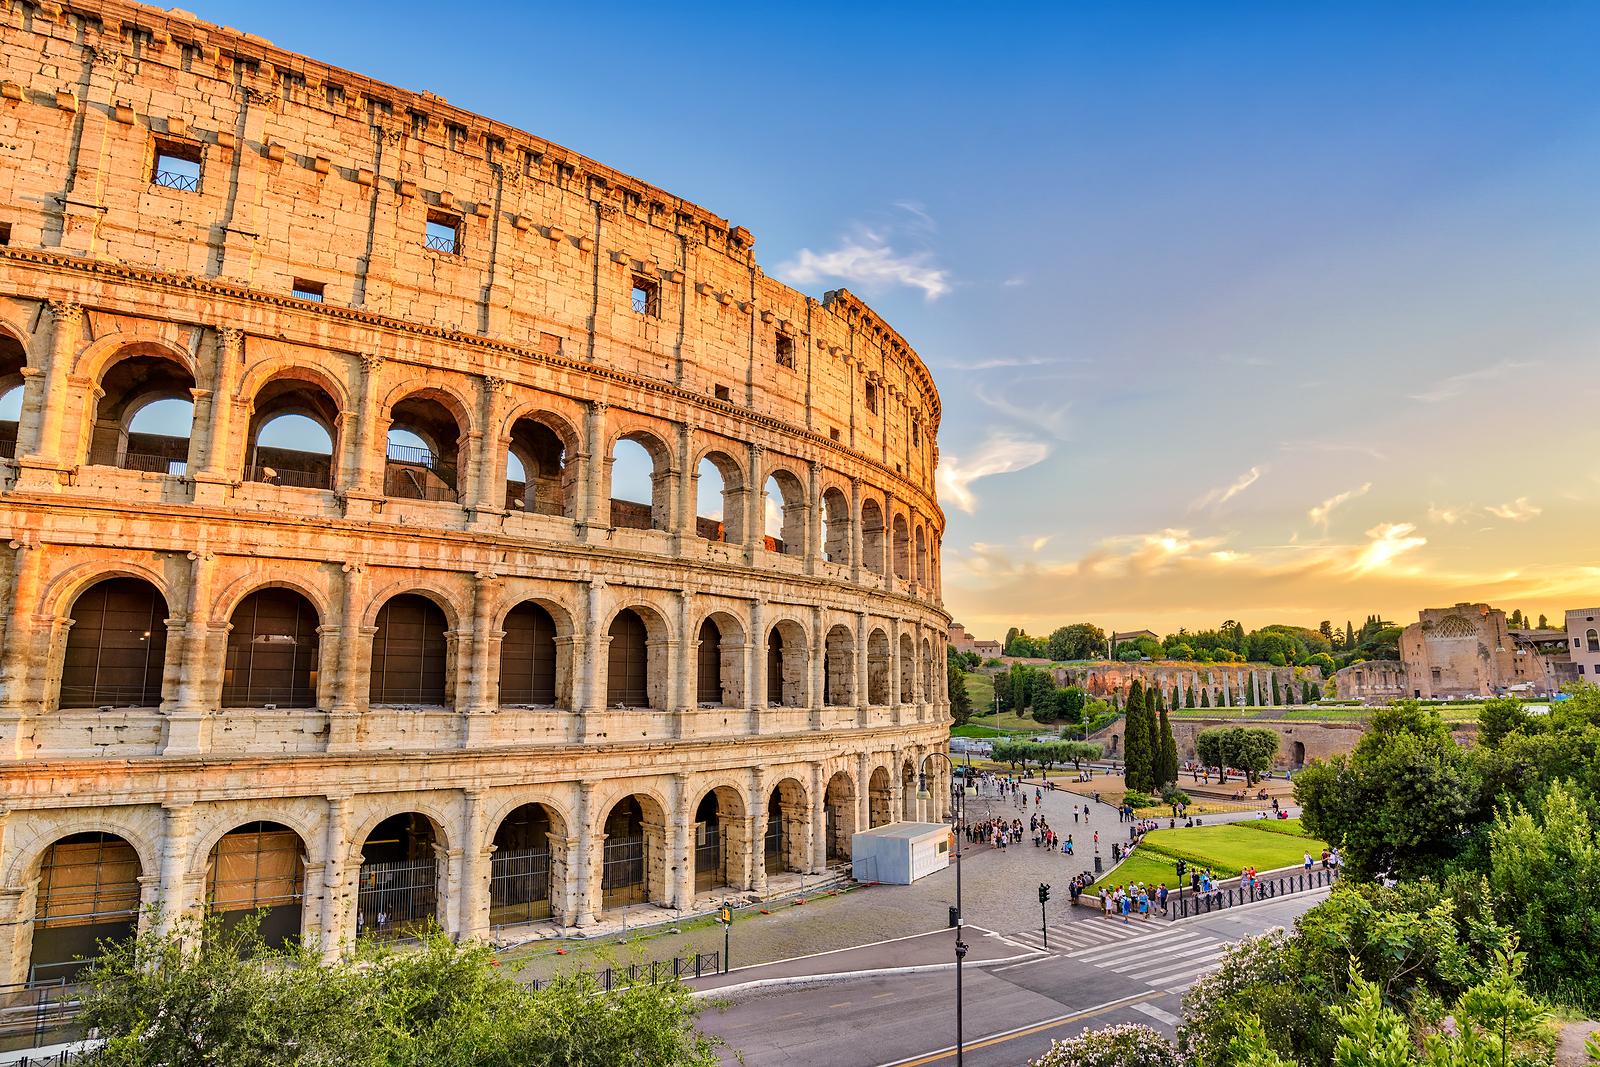 Hyr bil i Rom